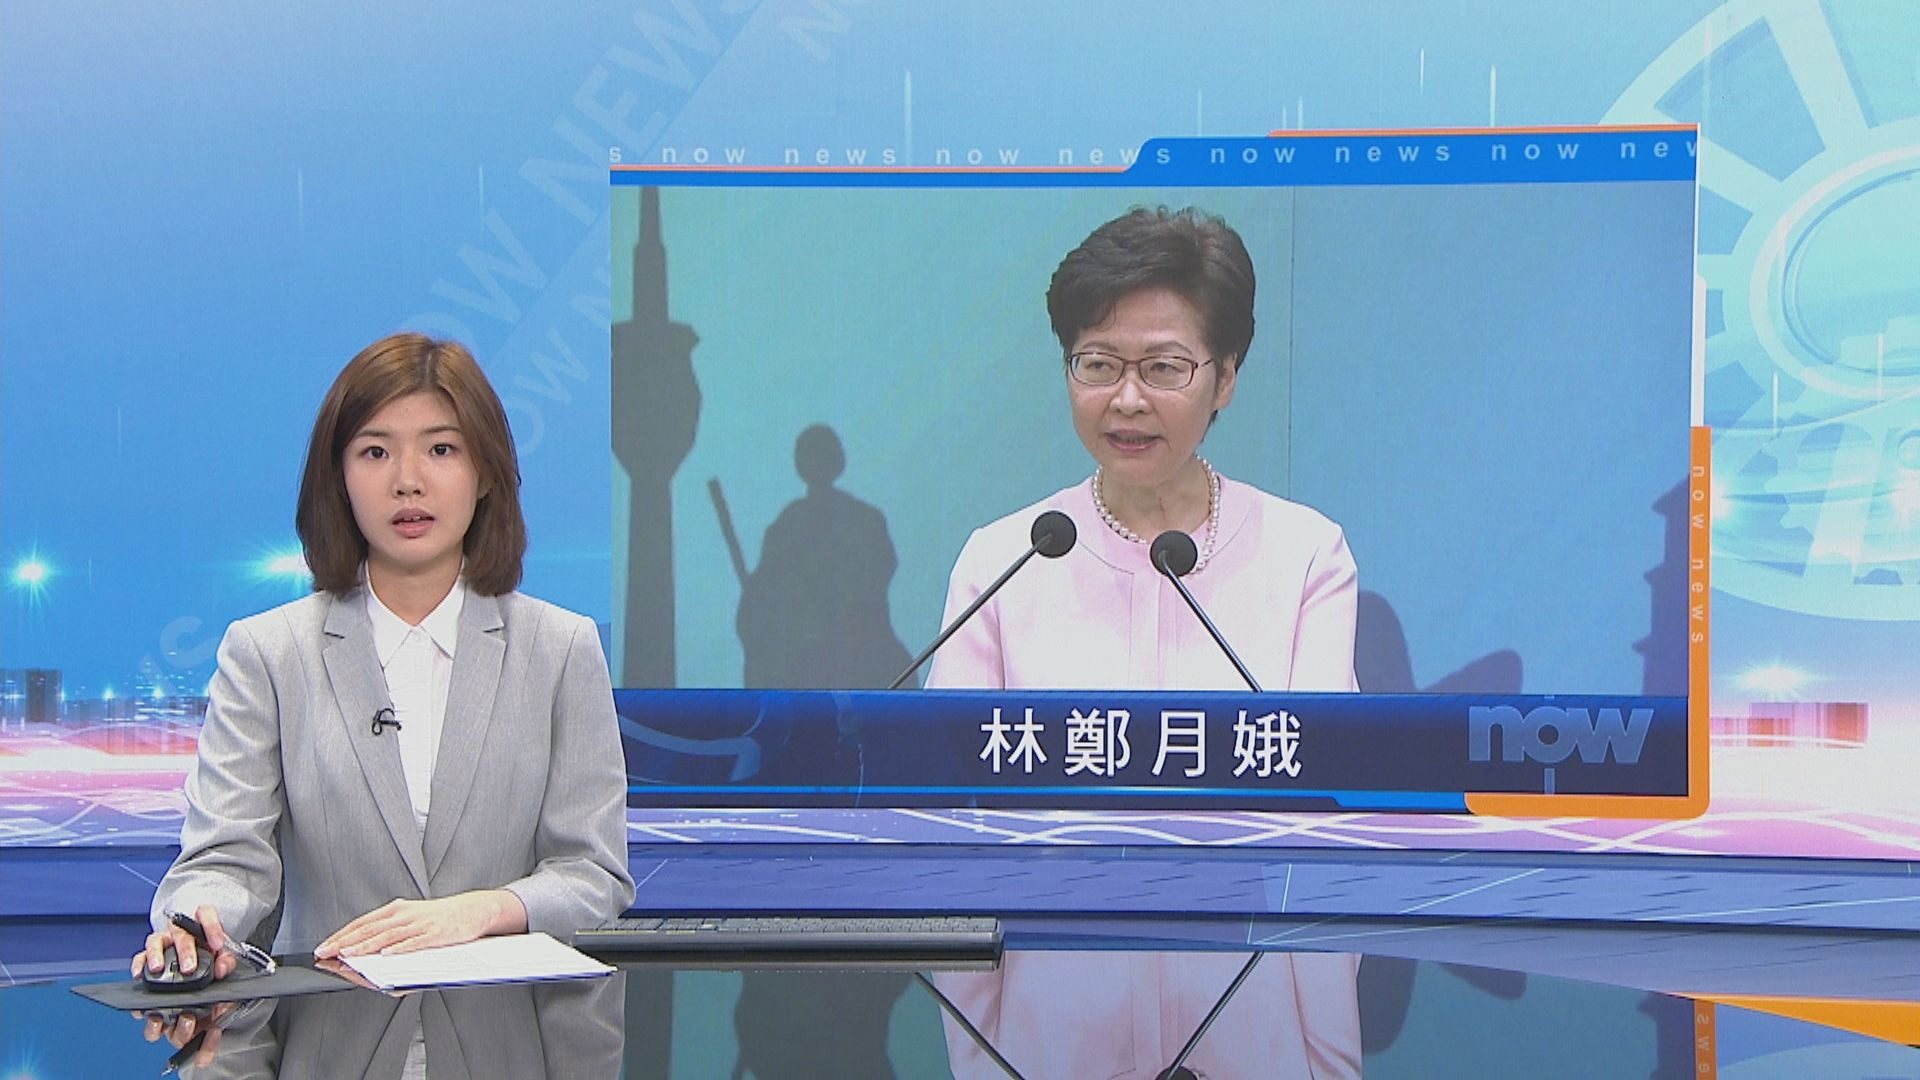 林鄭月底將赴全運會閉幕禮 與粵澳政府商討接辦下屆全運會